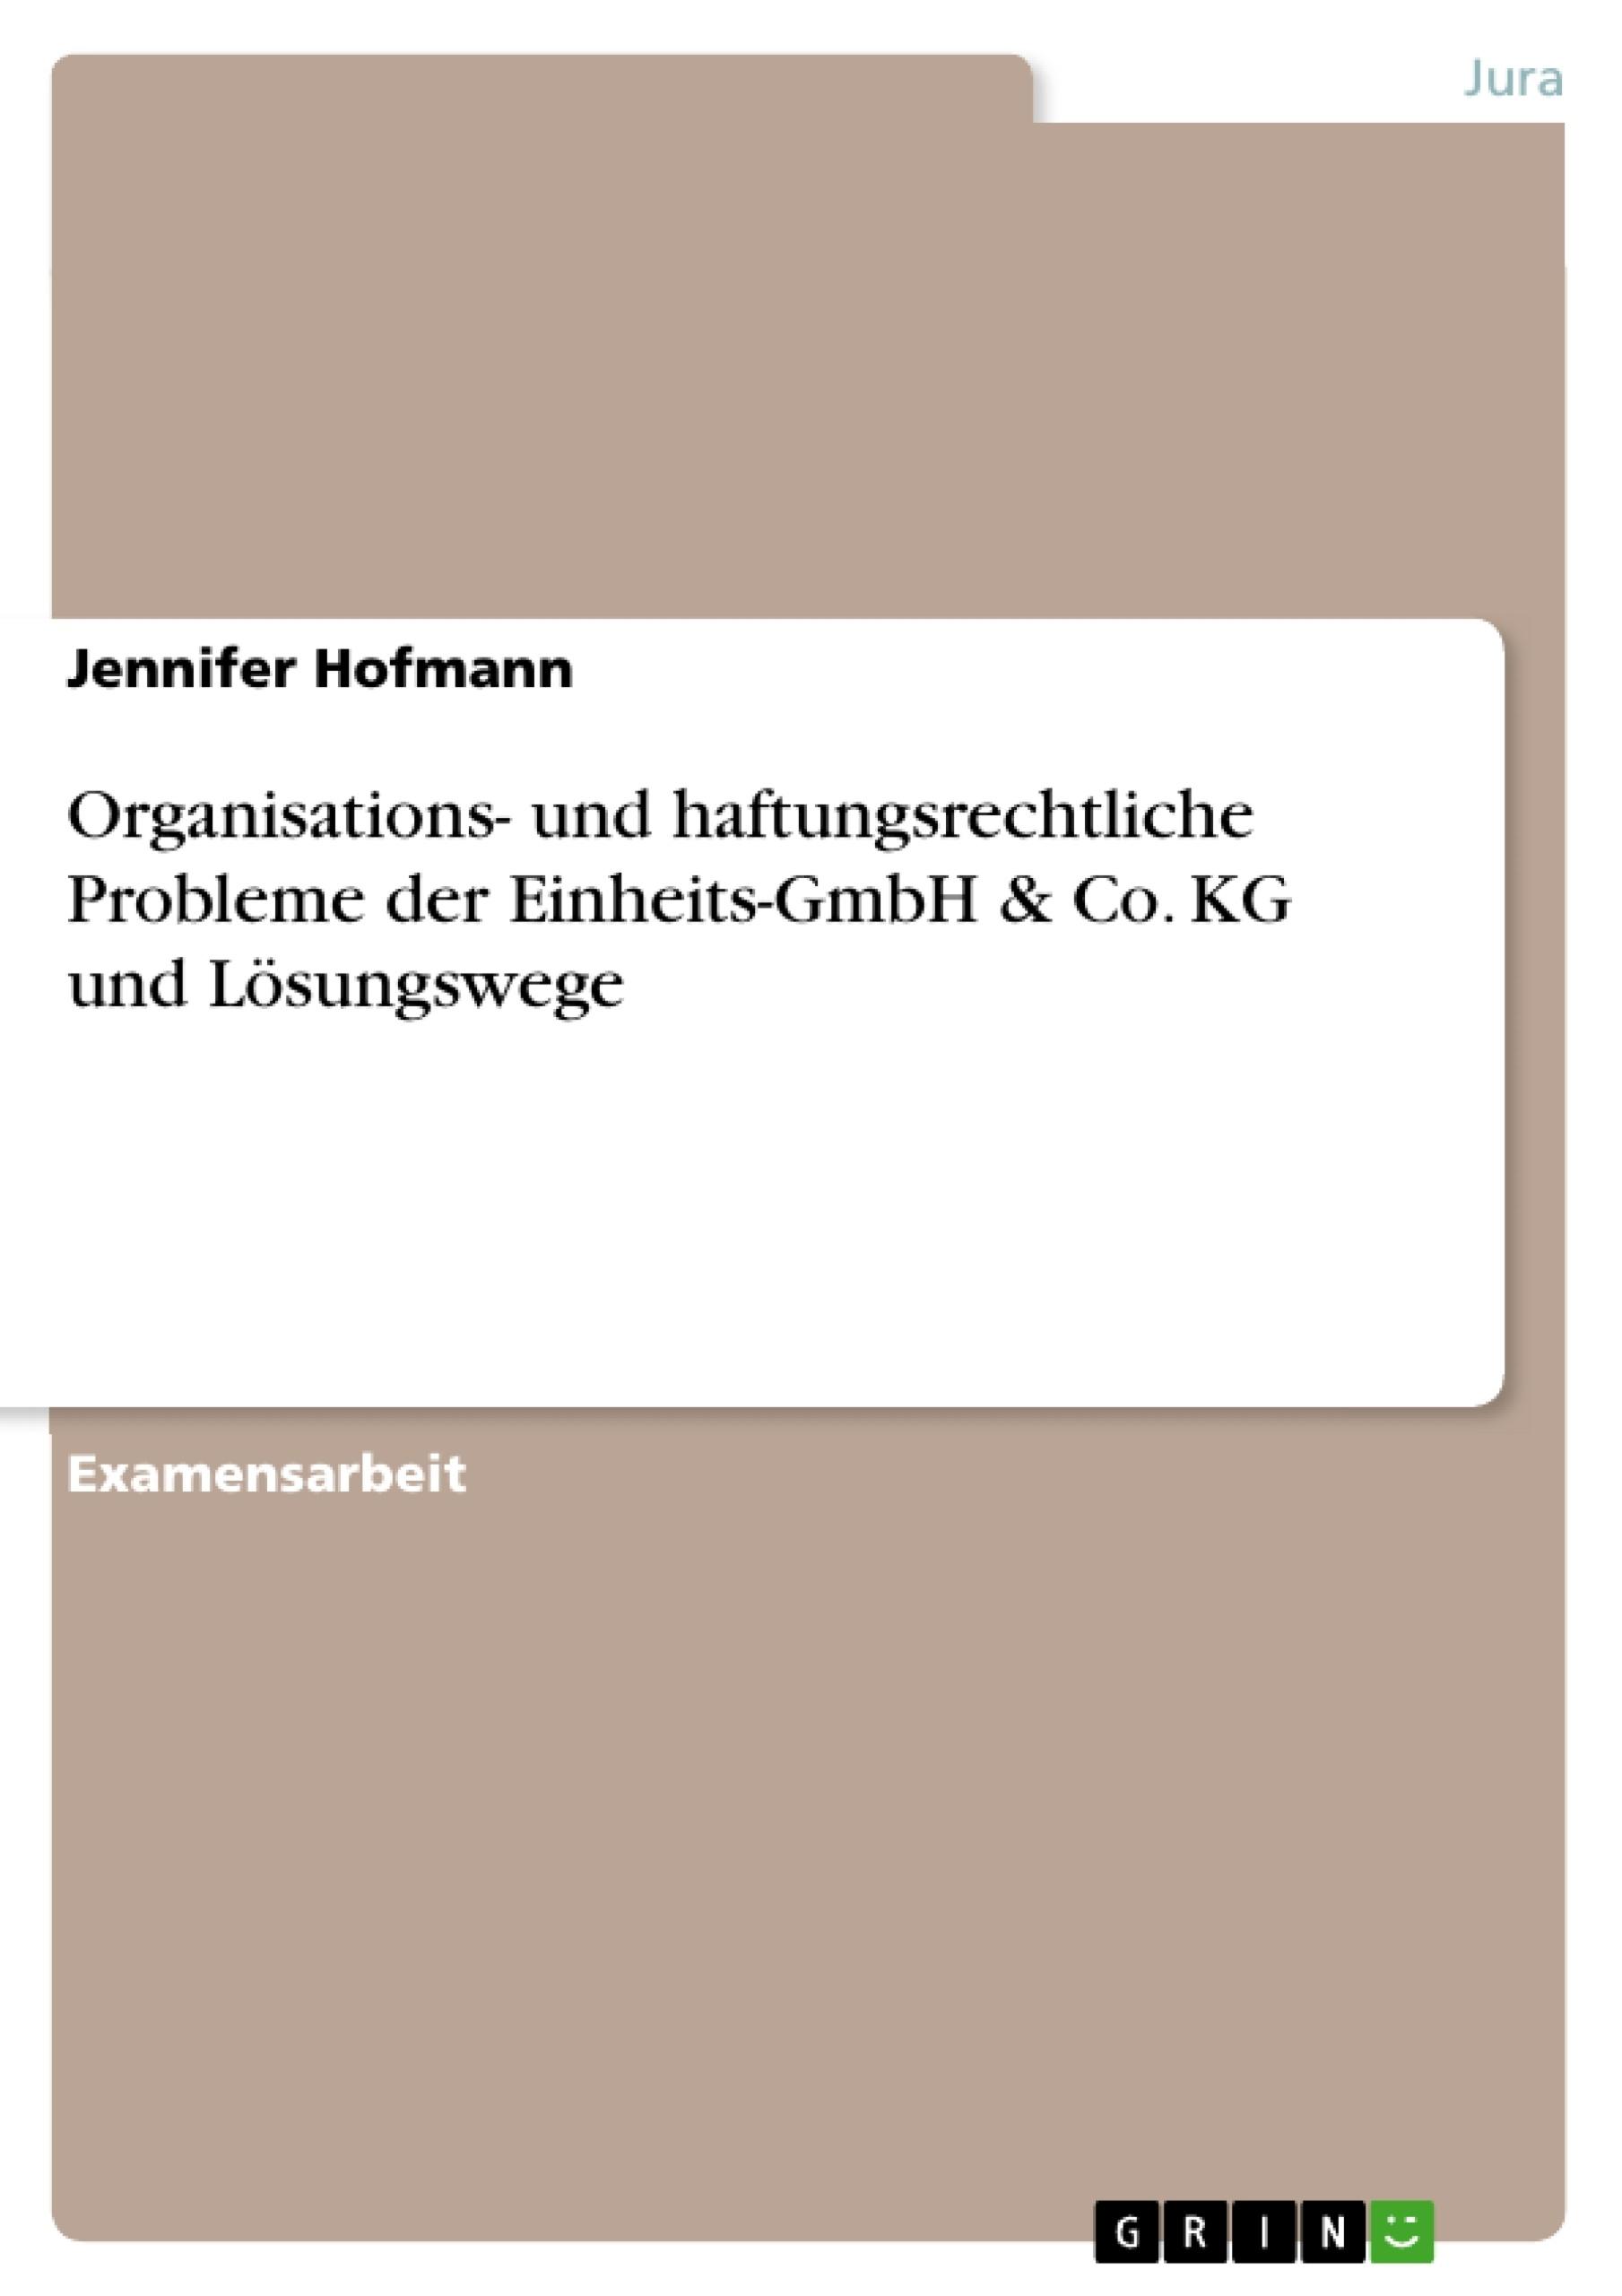 Titel: Organisations- und haftungsrechtliche Probleme der Einheits-GmbH & Co. KG und Lösungswege